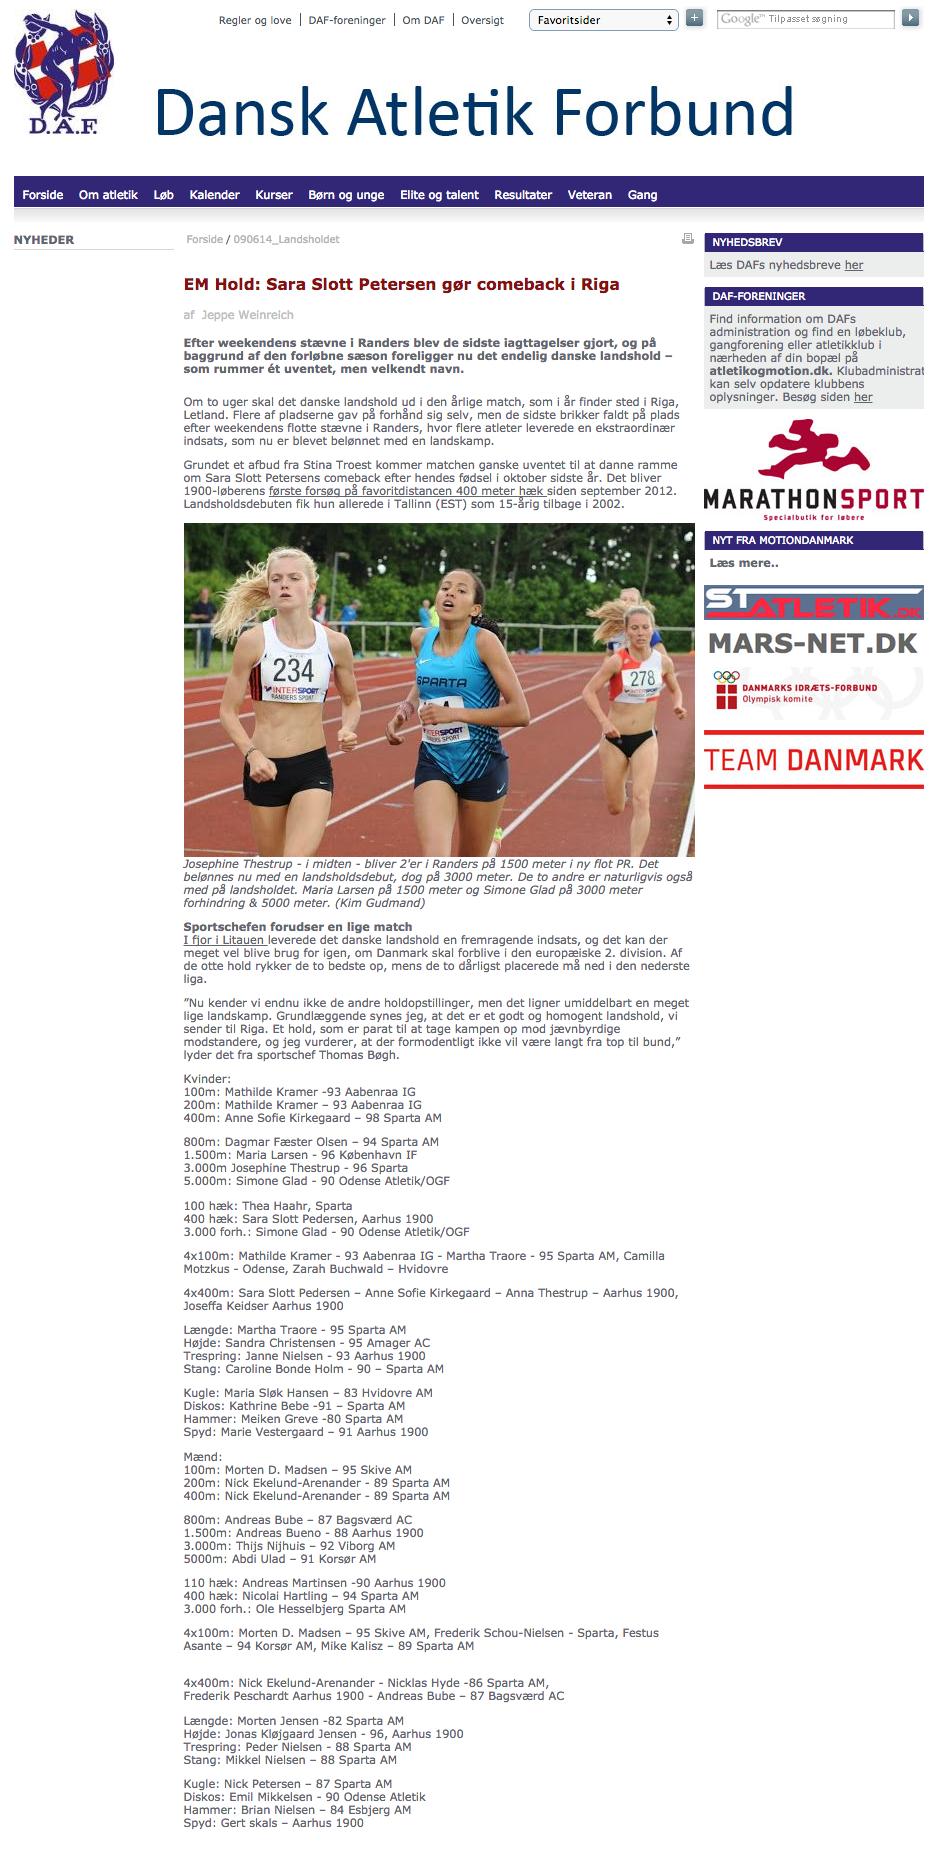 Dansk Atletik Forbund - EM Hold  Sara Slott Petersen gør comeback i Riga